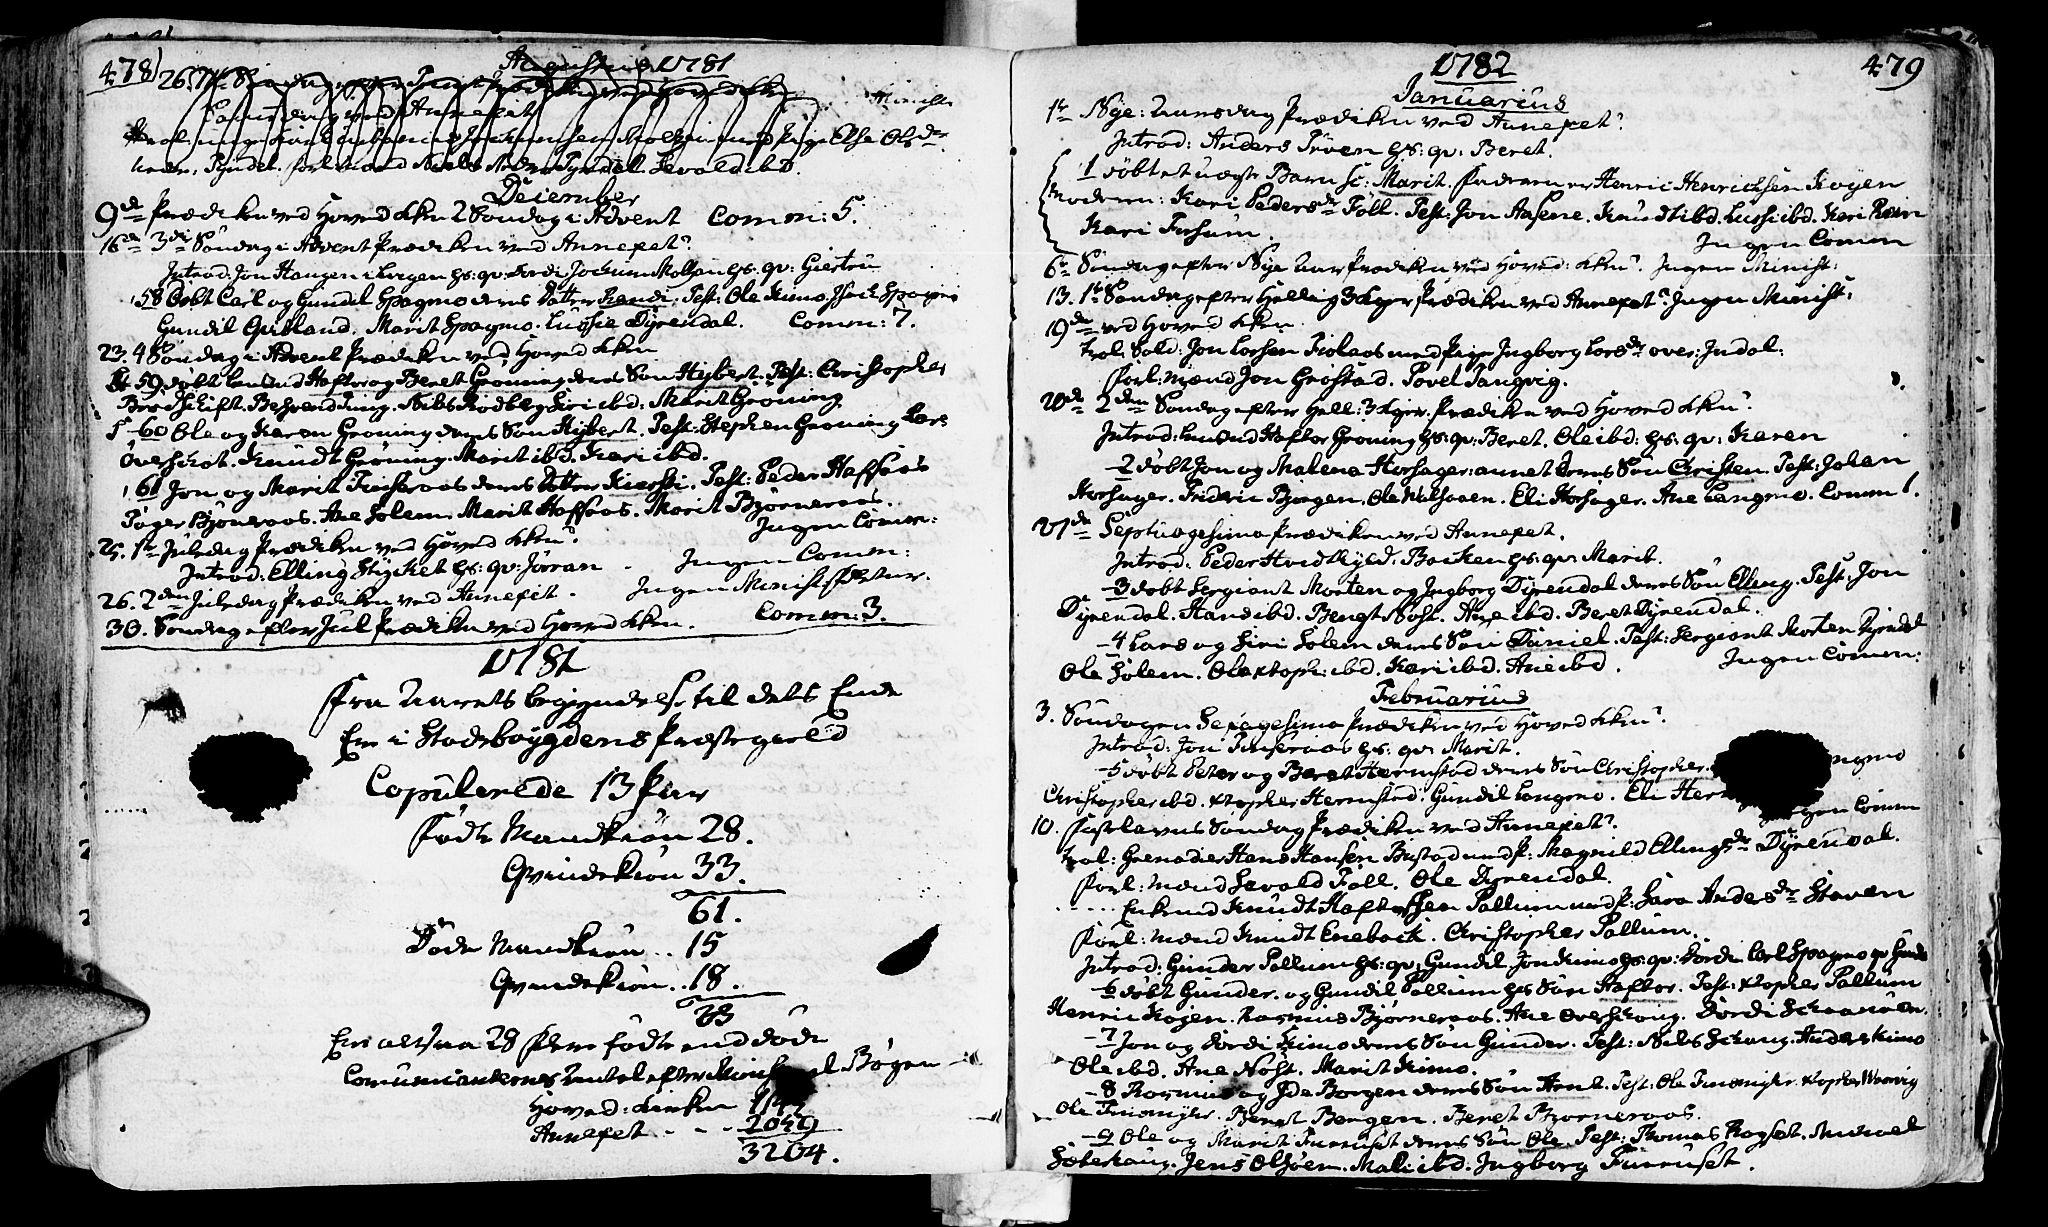 SAT, Ministerialprotokoller, klokkerbøker og fødselsregistre - Sør-Trøndelag, 646/L0605: Ministerialbok nr. 646A03, 1751-1790, s. 478-479